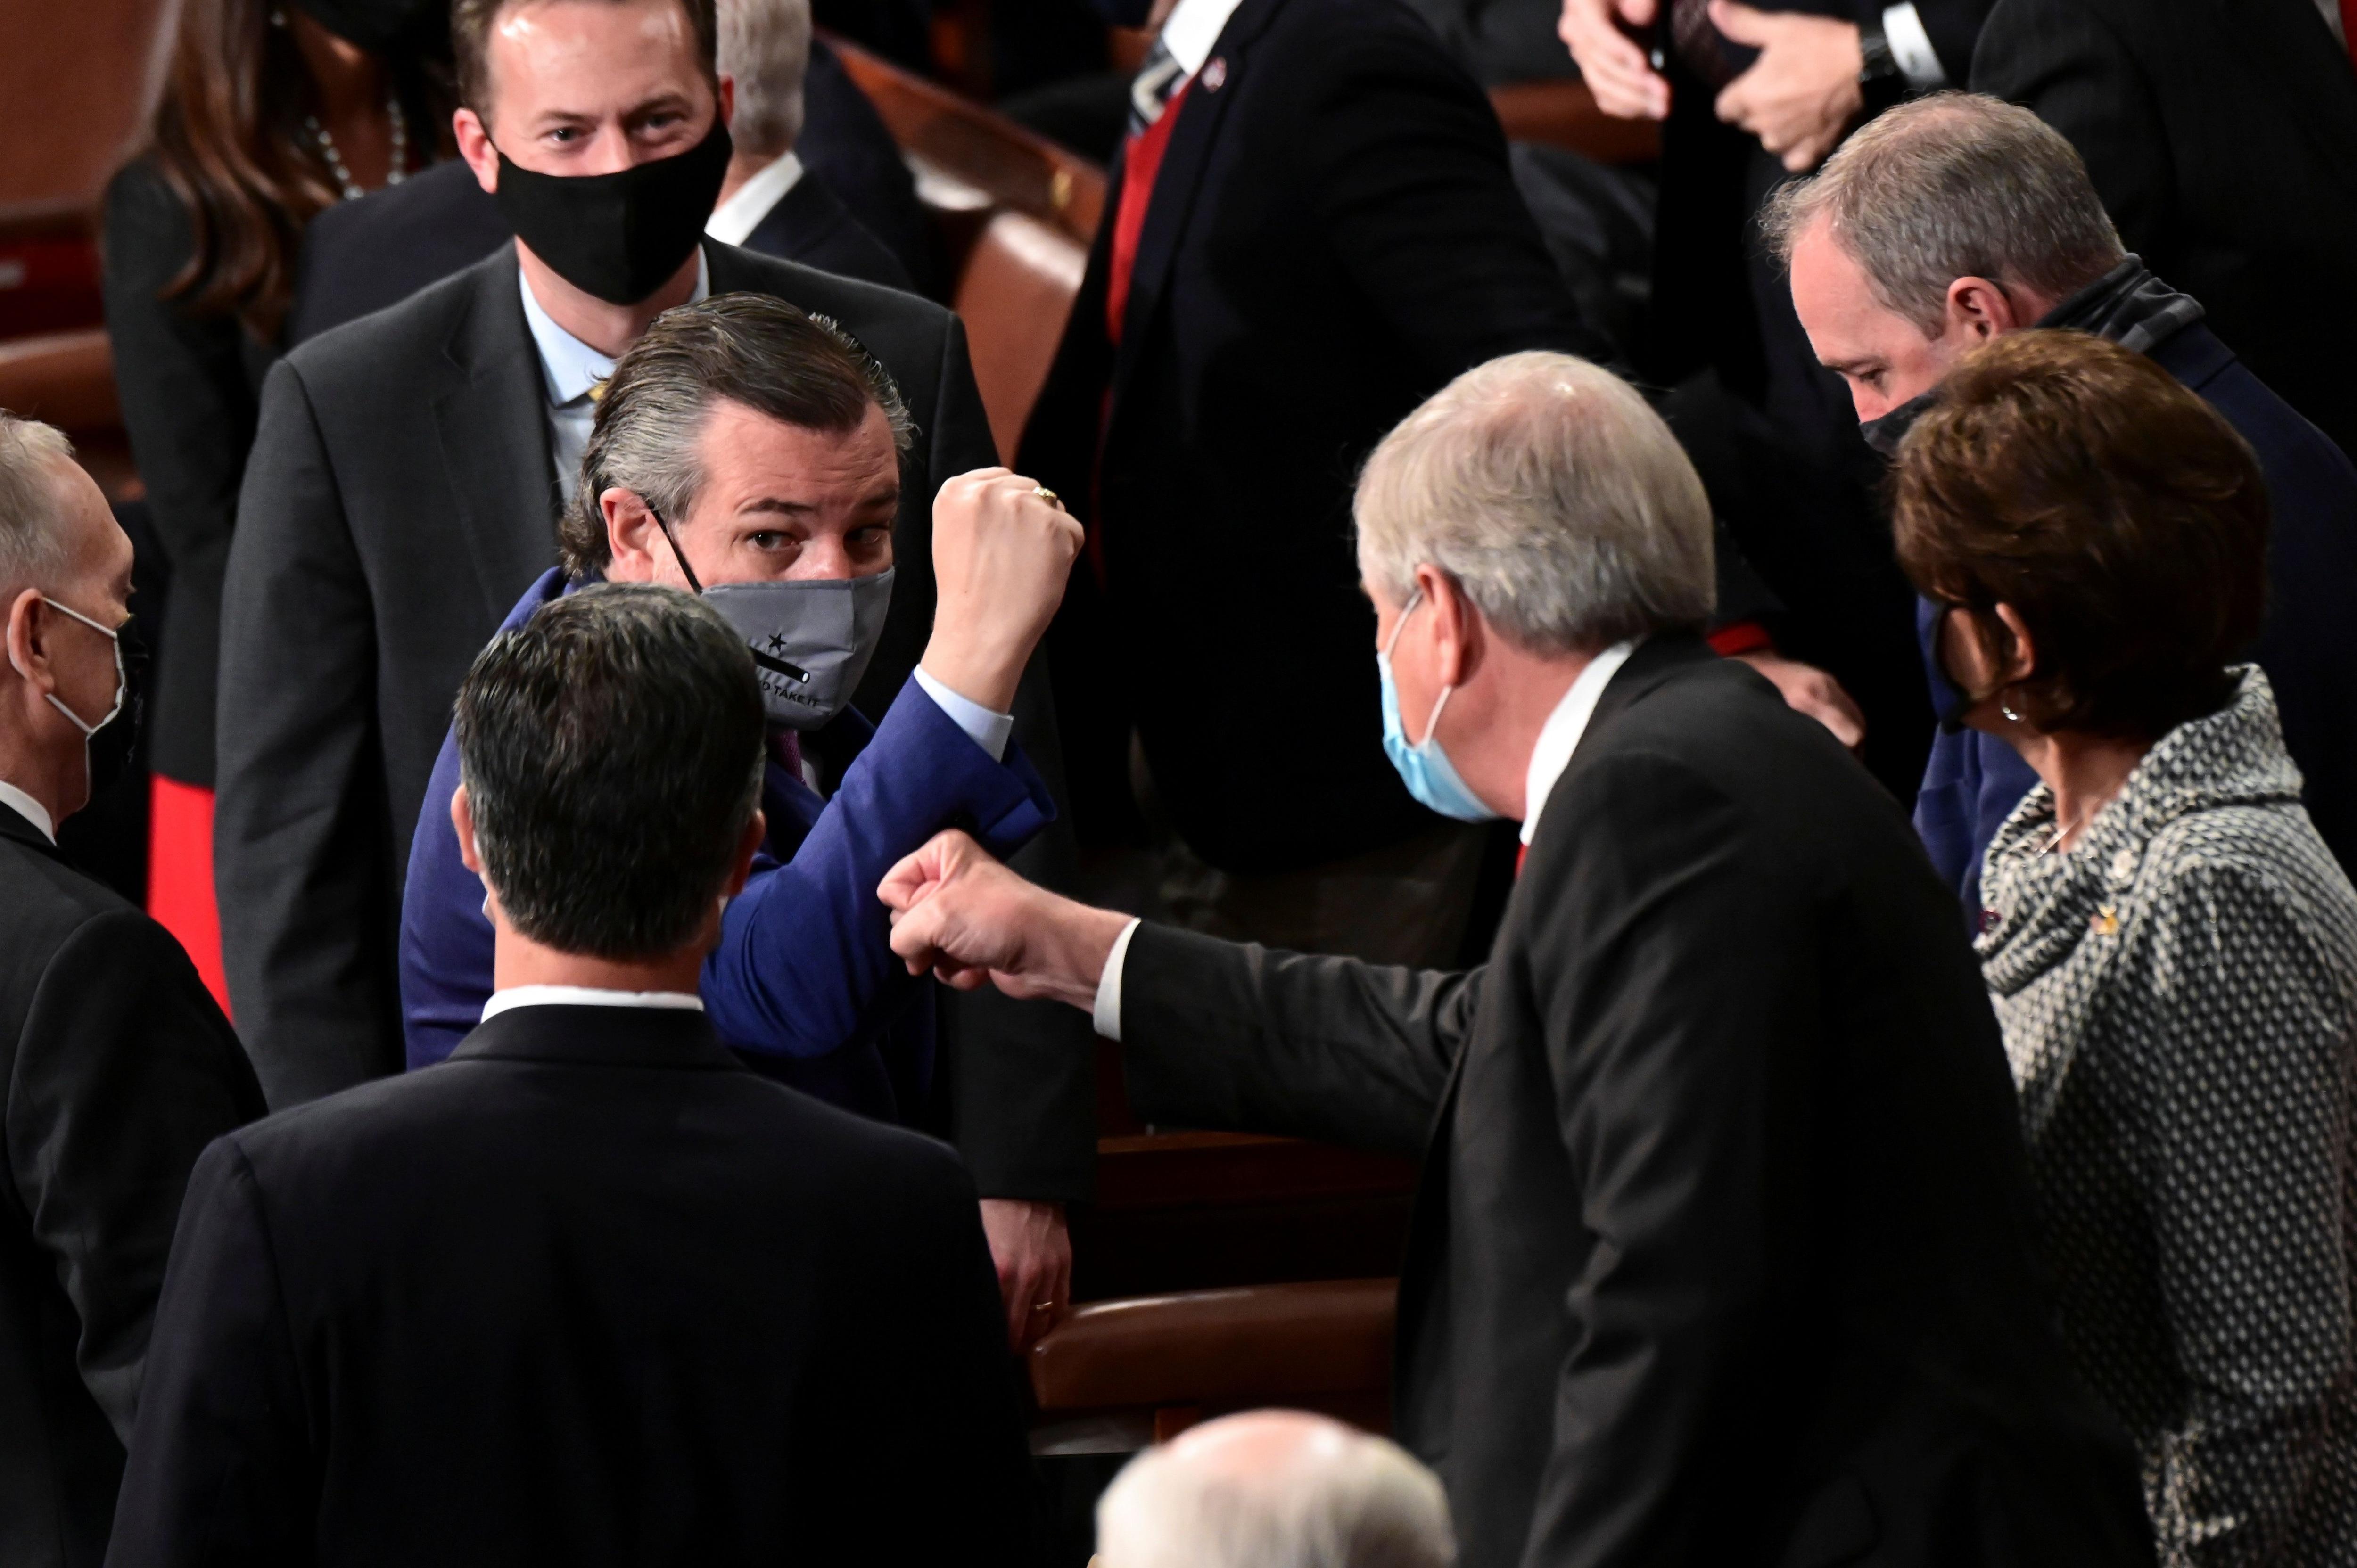 El senador,Ted Cruz, republicano por Texas cruza saludos con sus compañeros de bancada. Texas es uno de los 43 estados donde se intenta restringir el voto de las minorías. Erin Scott/Pool via REUTERS